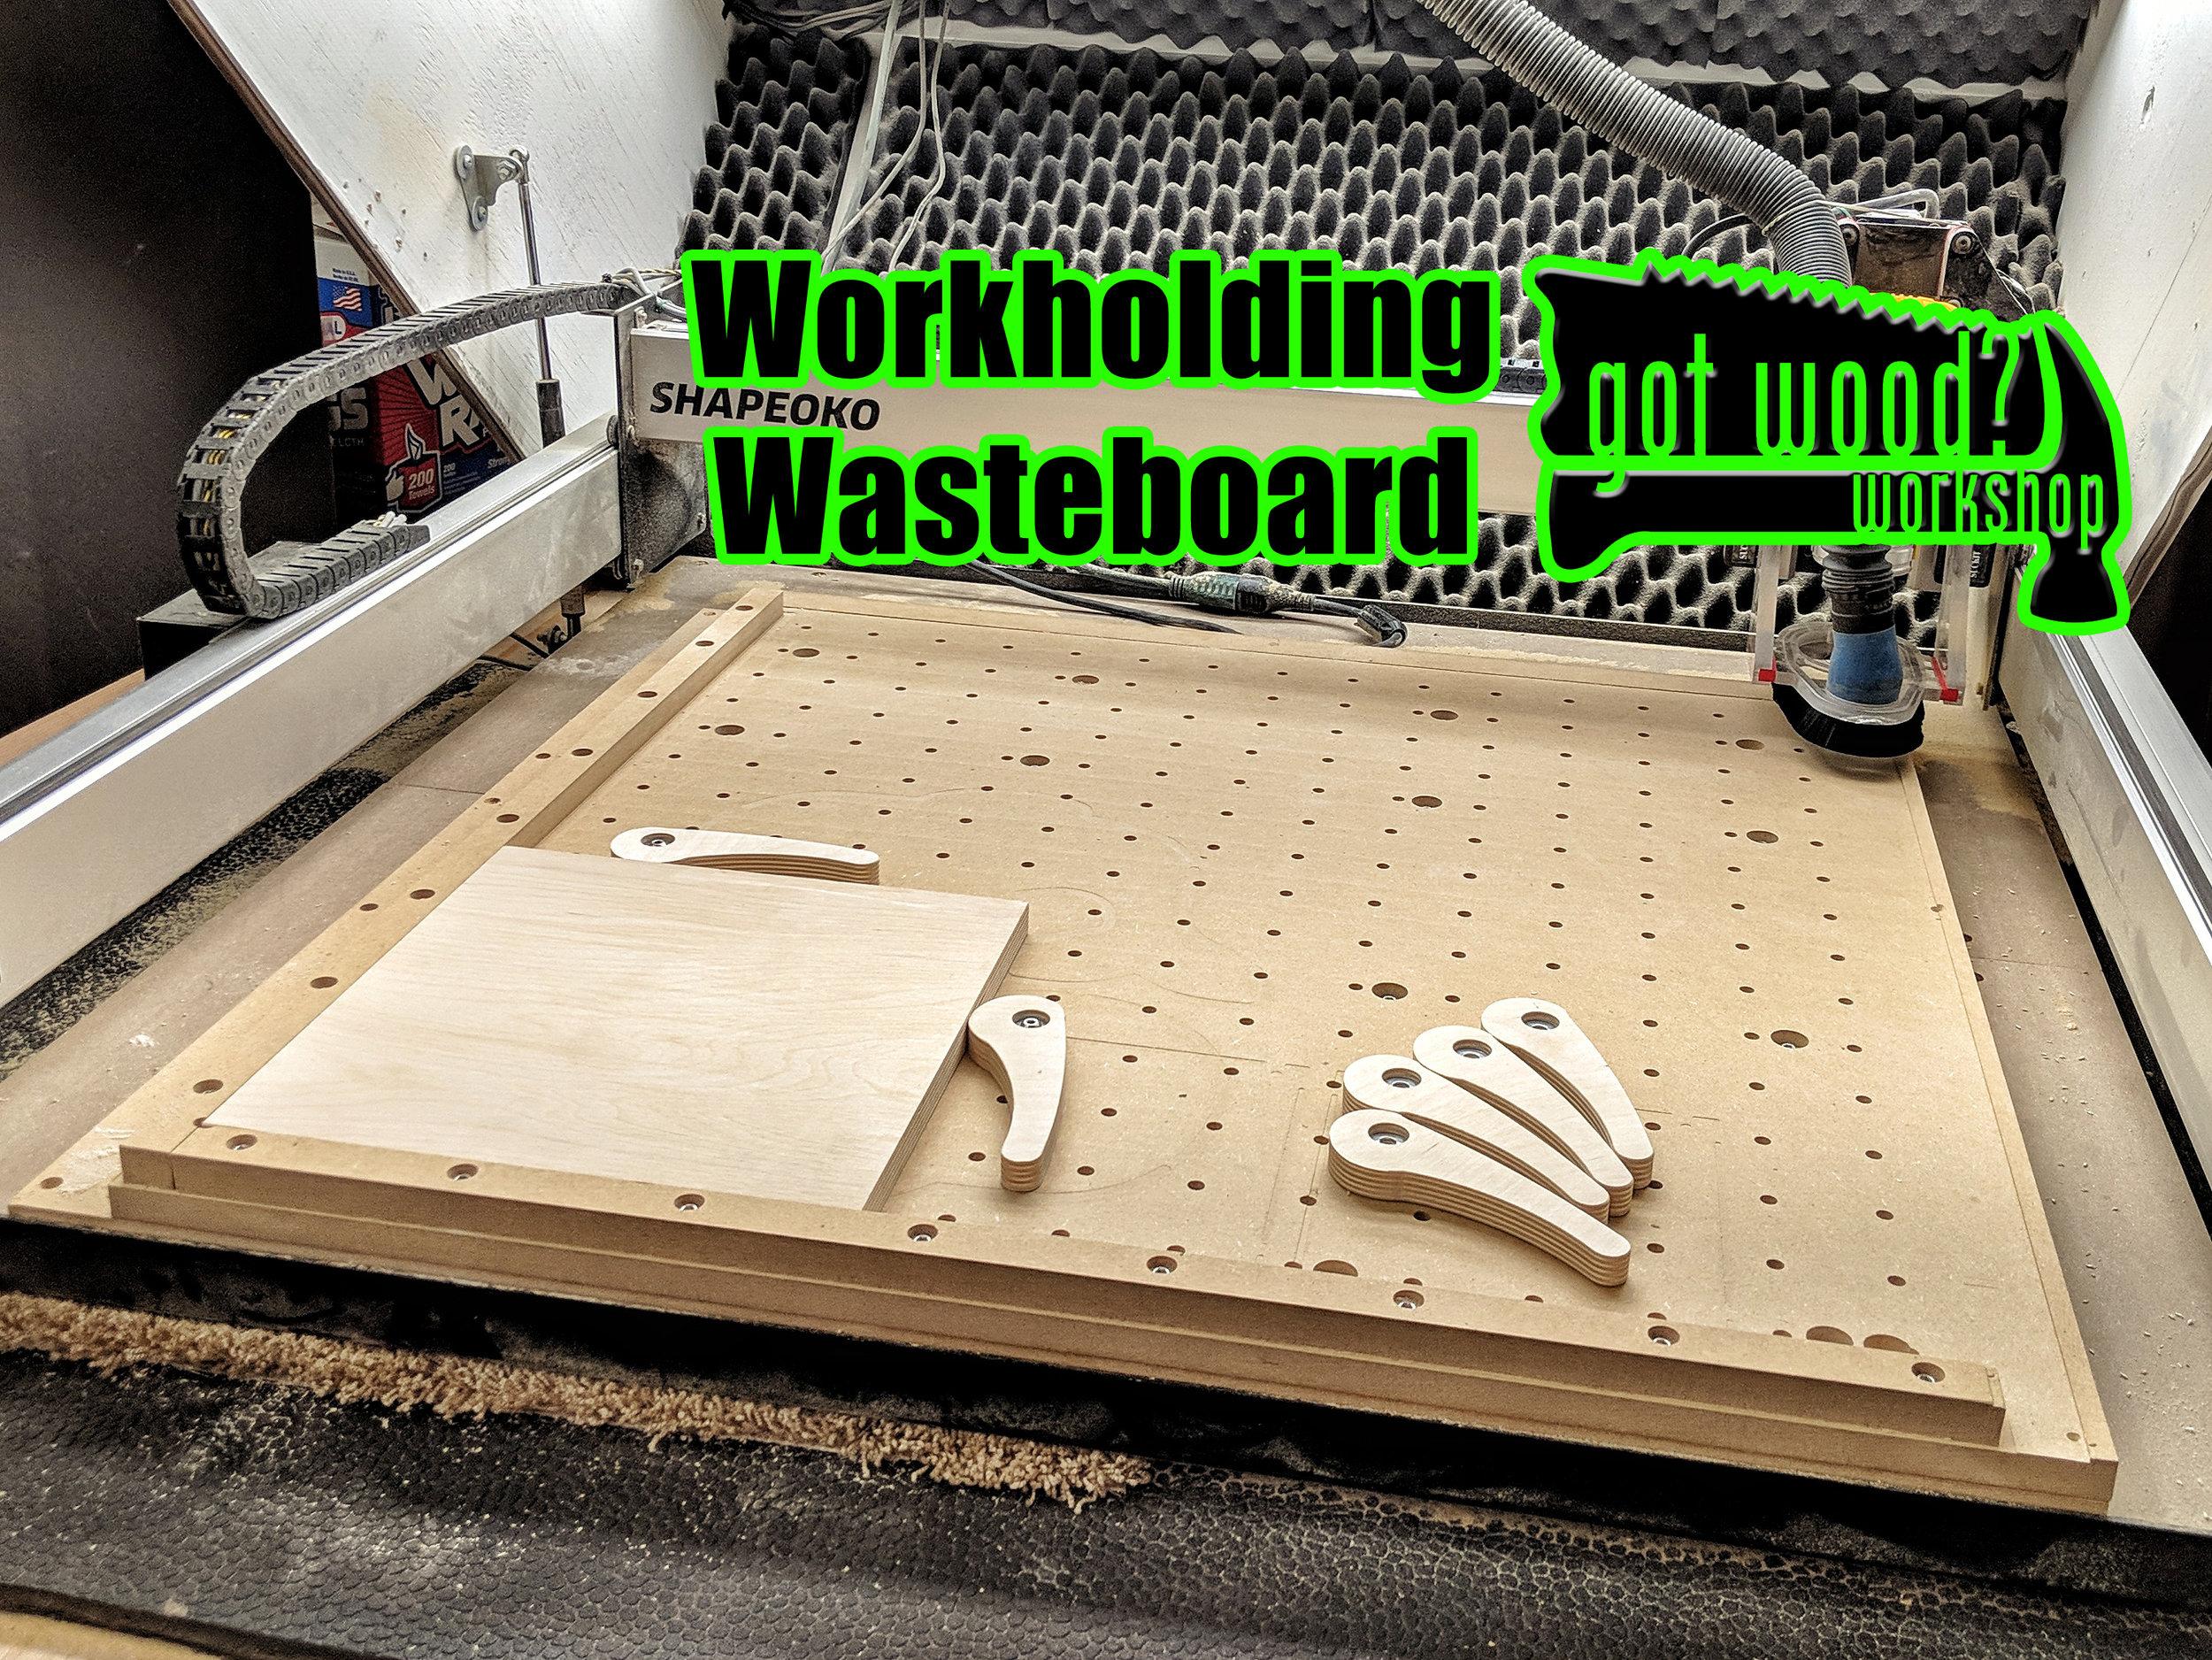 CNC-Wasteboard.jpg